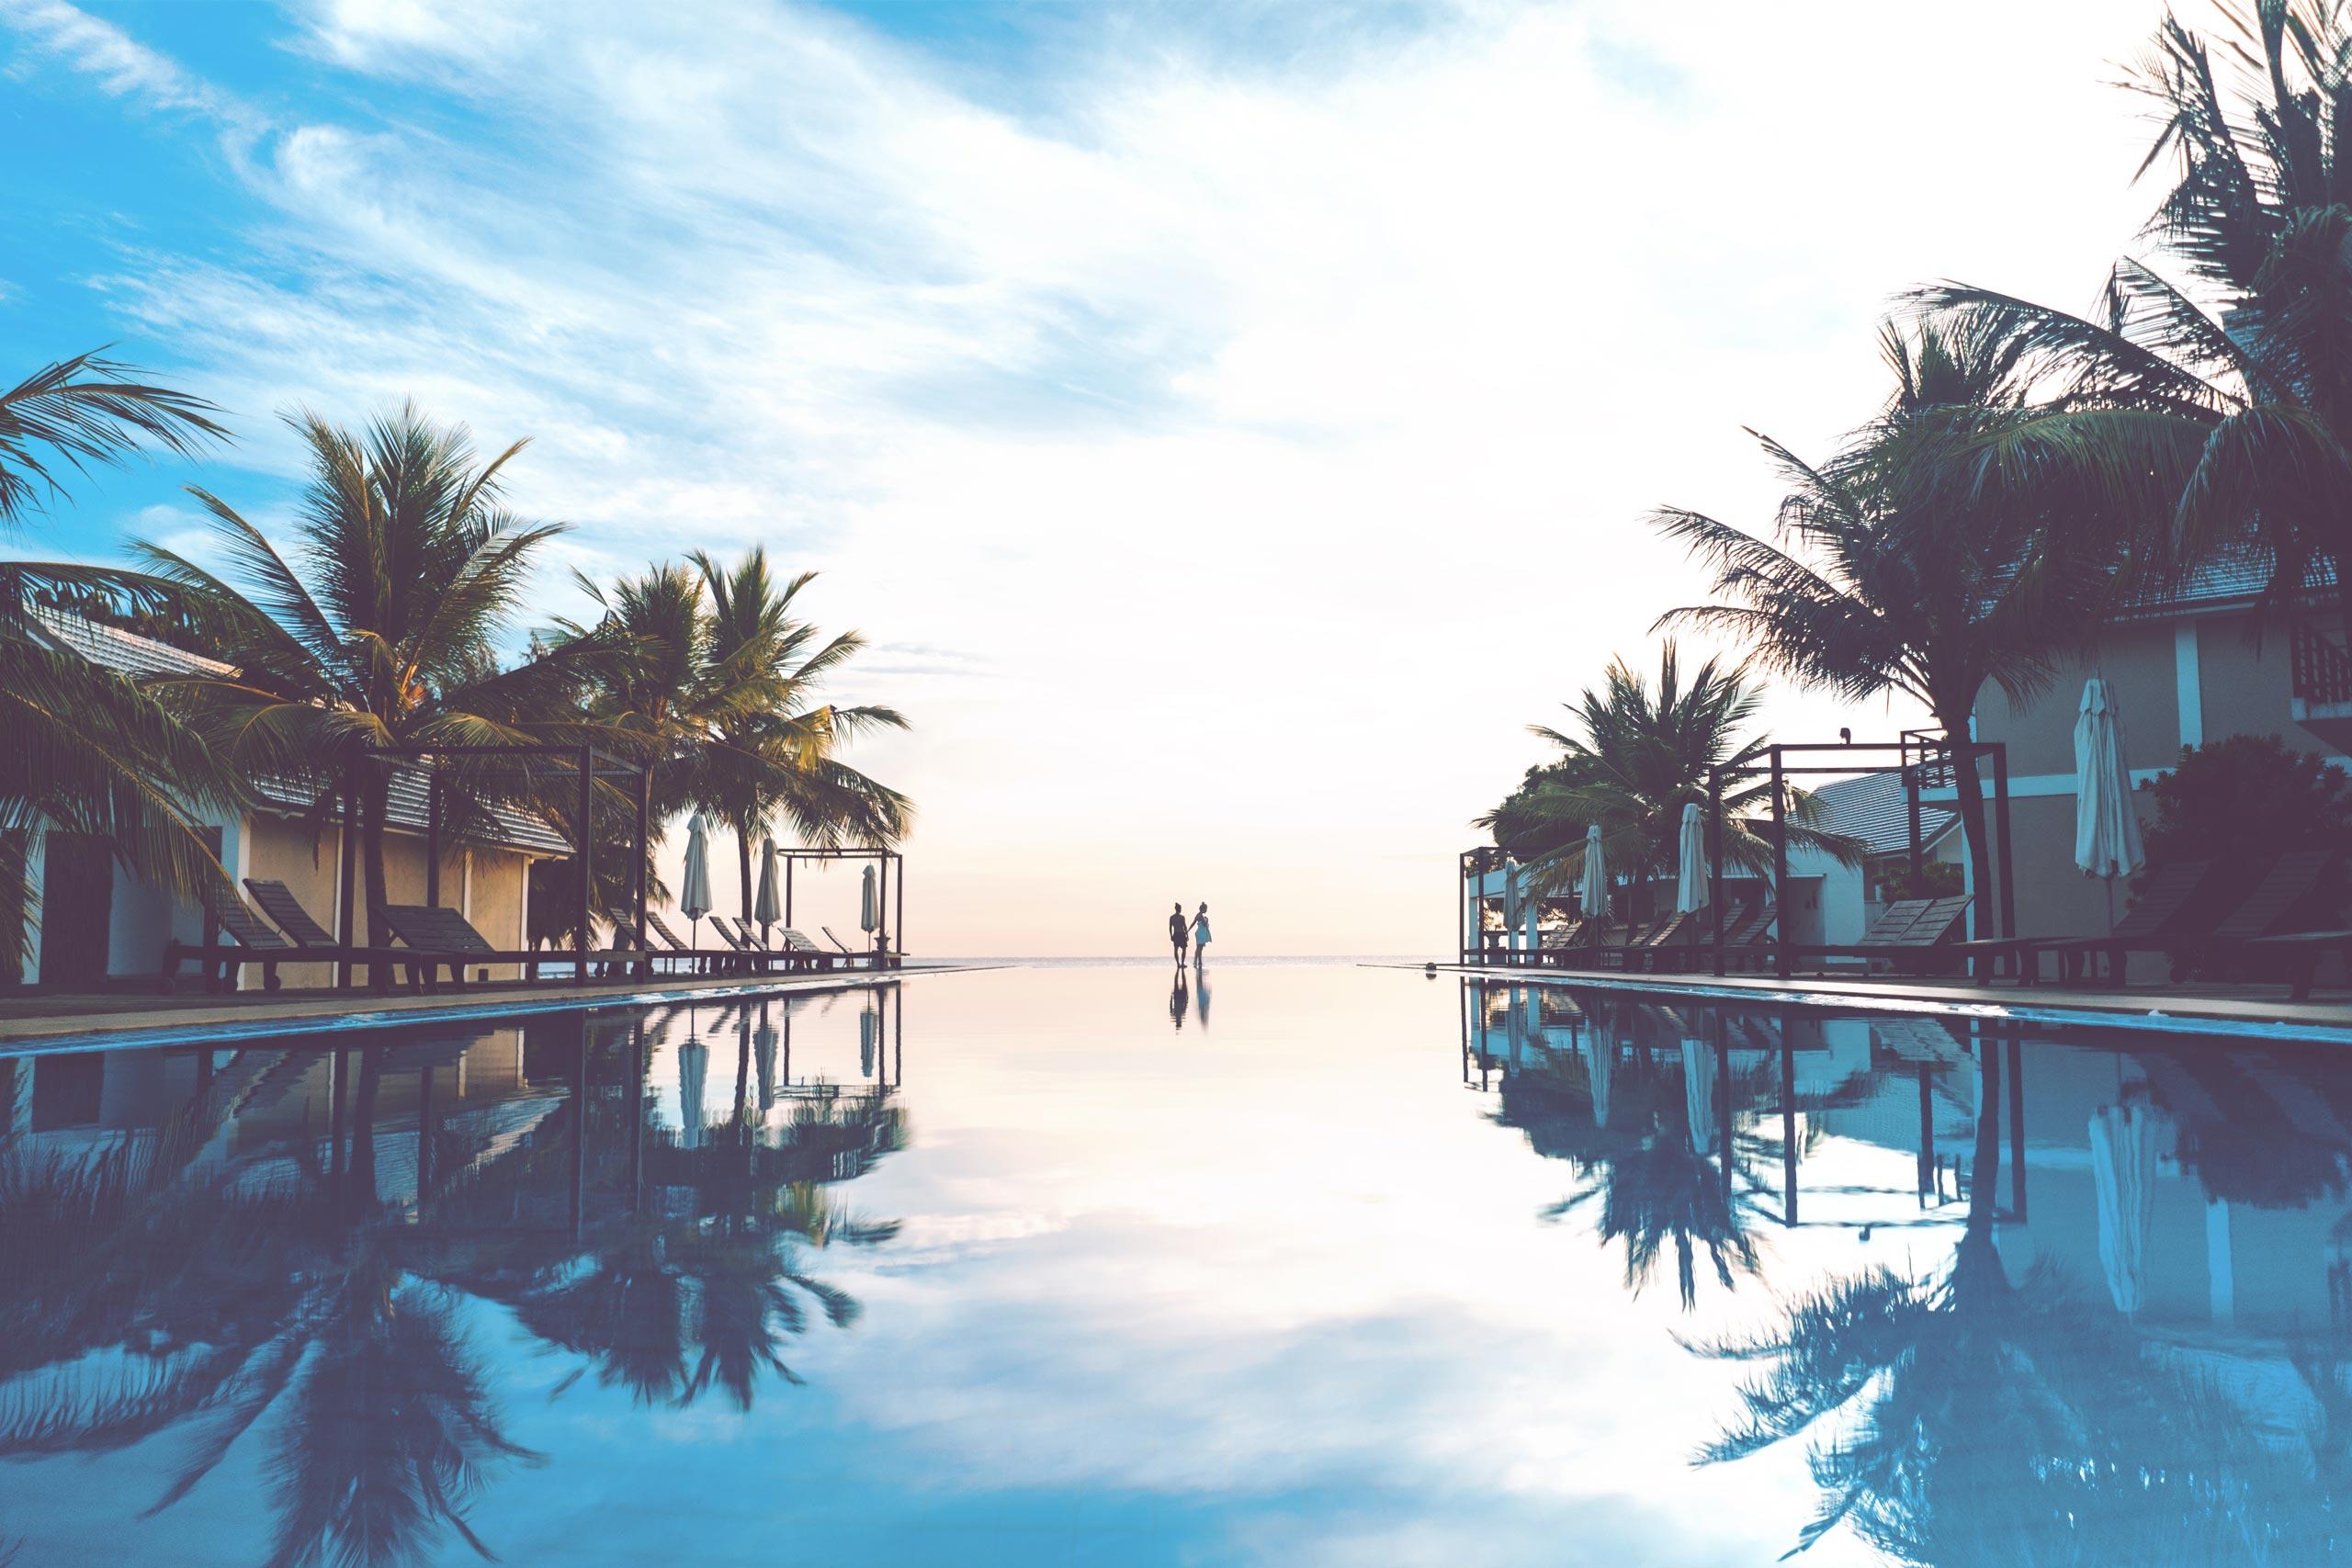 Rafraîchissez-vous dans la piscine extérieure qui surplombe le merveilleux rivage de la Normandie.